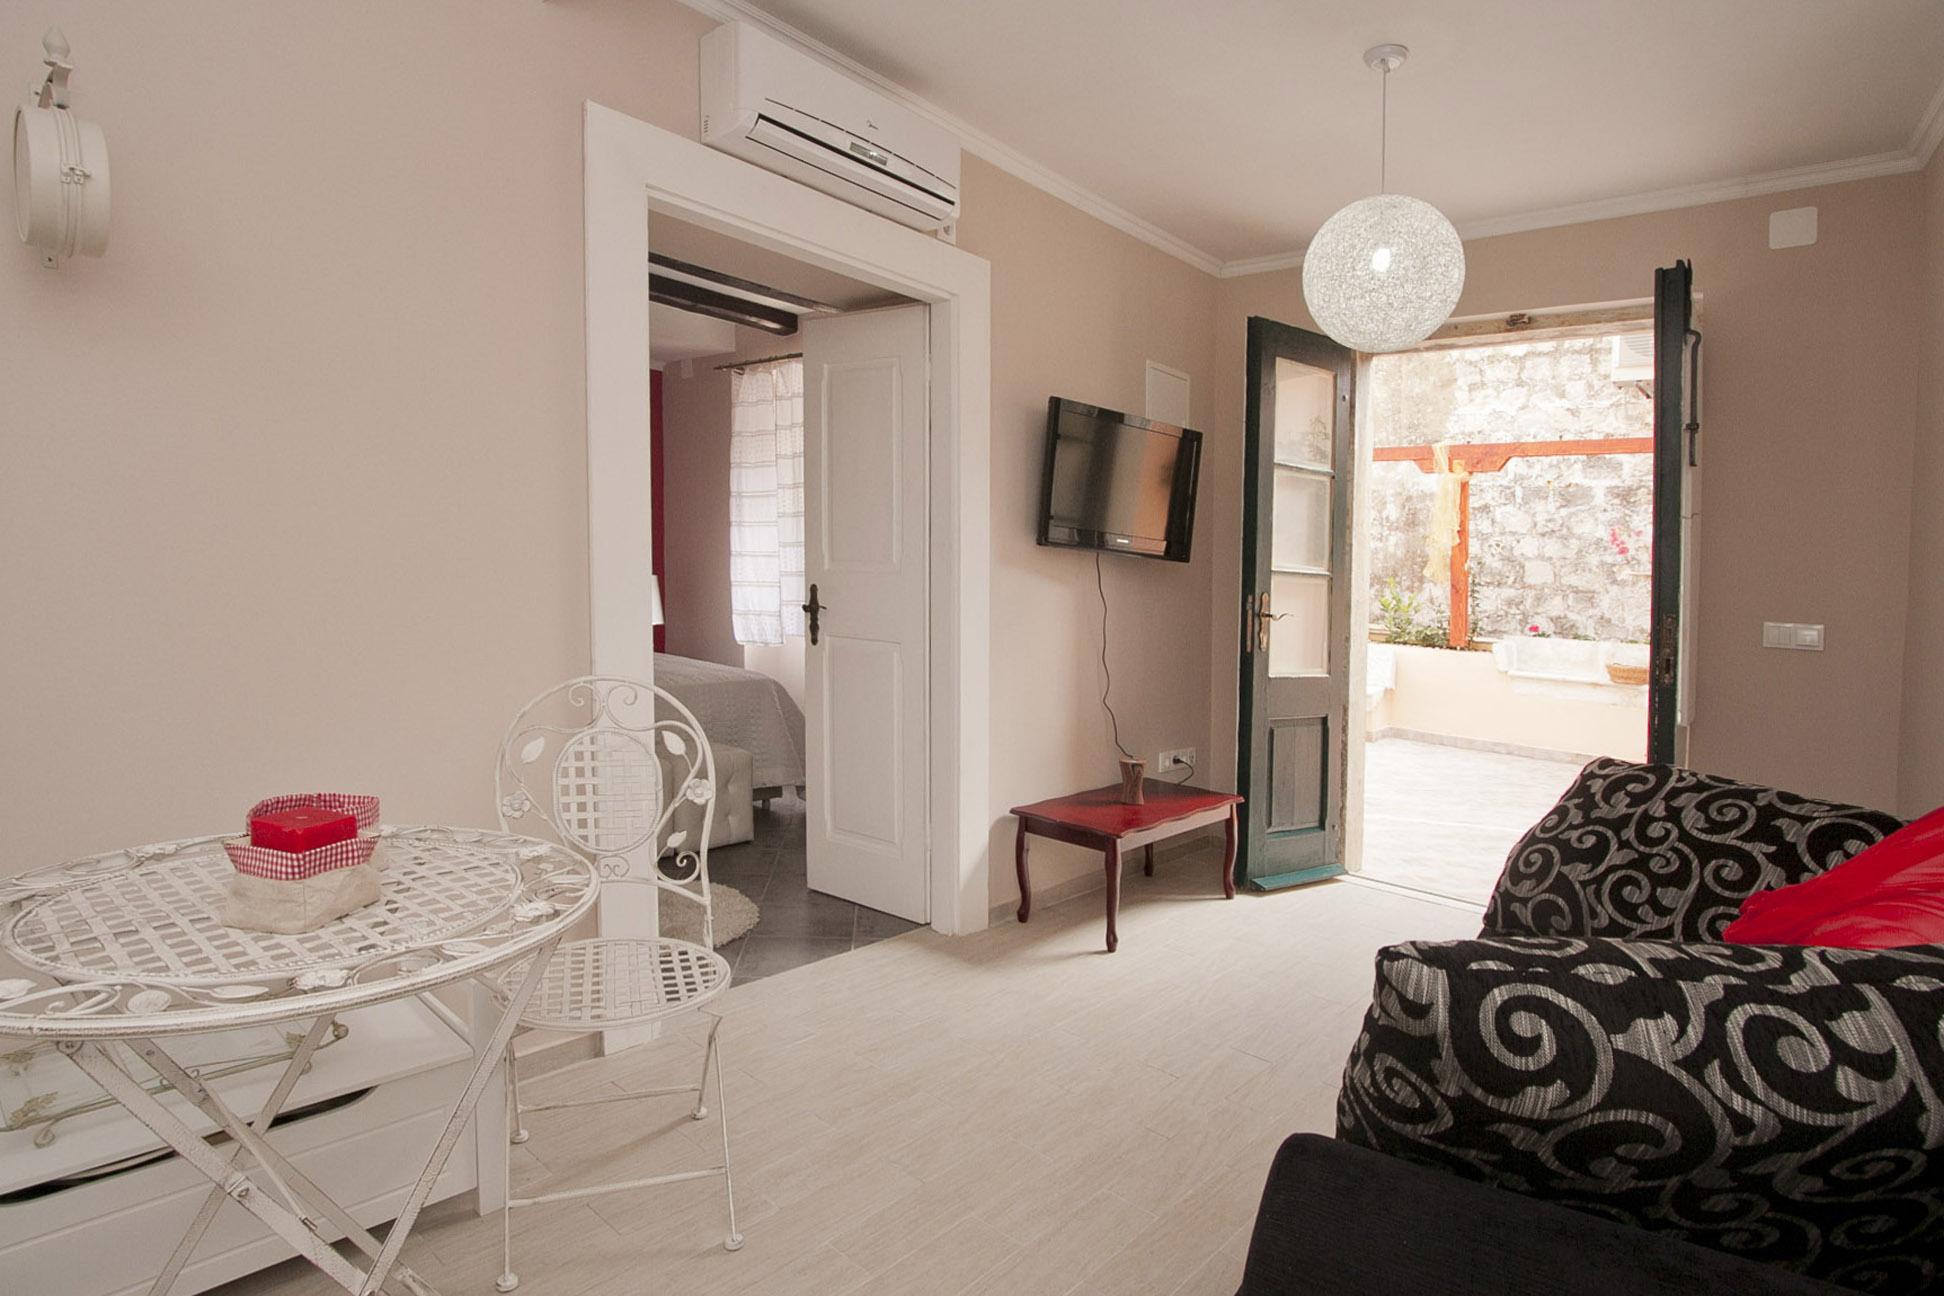 Однокомнатная квартира 40 кв м в средиземноморском стиле